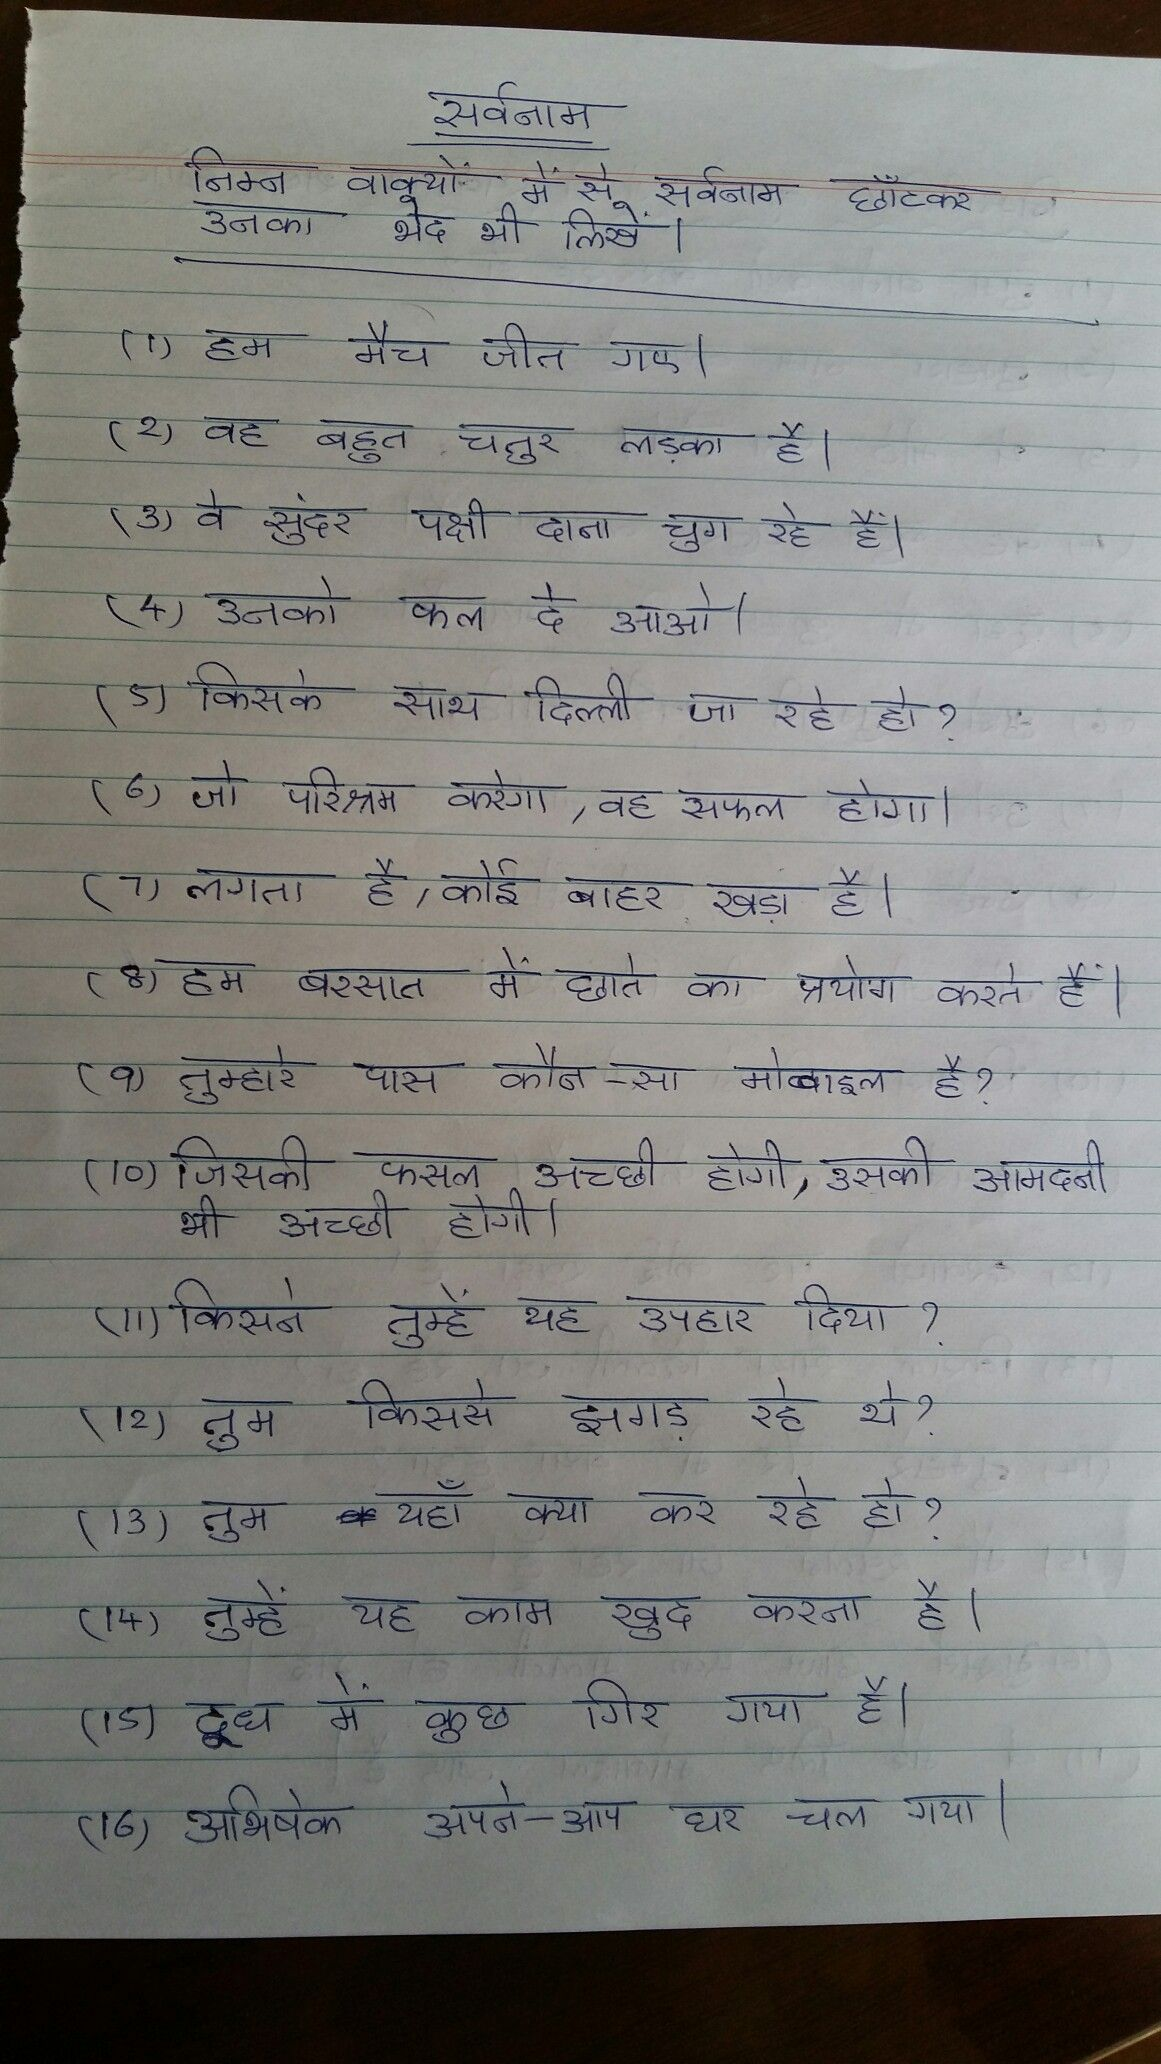 Hindi Grammar Sarvanam Worksheets 1 Pnv Worksheets For School